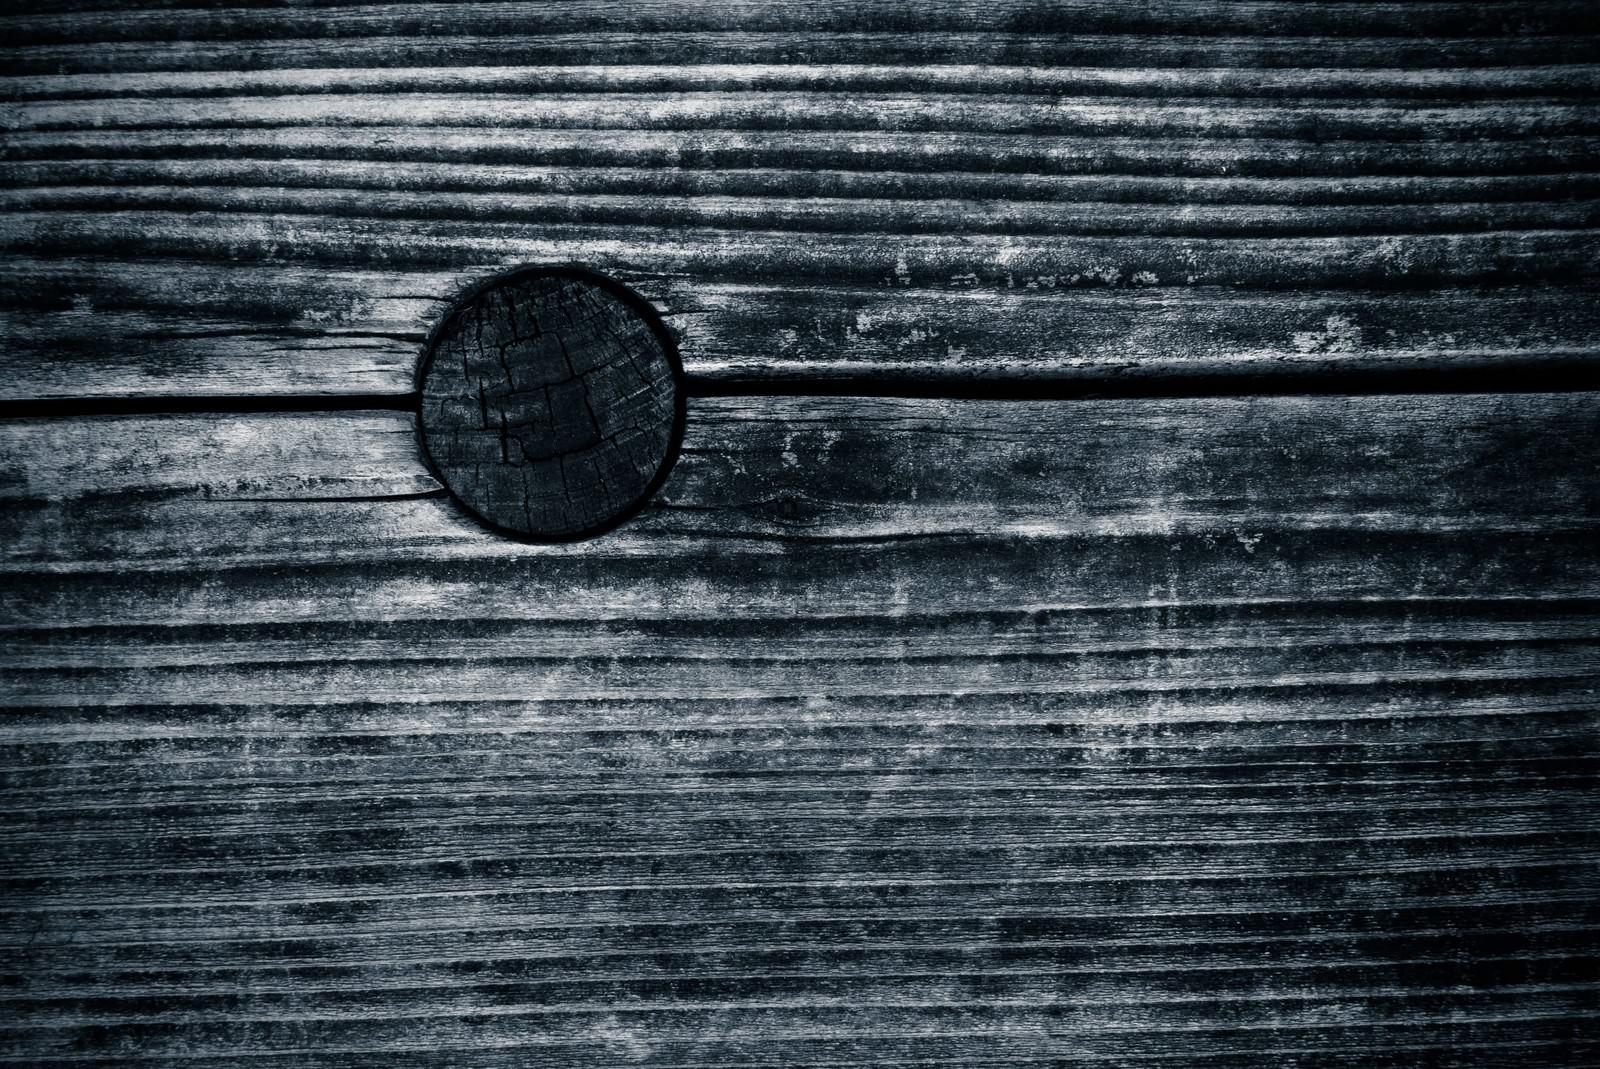 「木造の壁(テクスチャー)木造の壁(テクスチャー)」のフリー写真素材を拡大